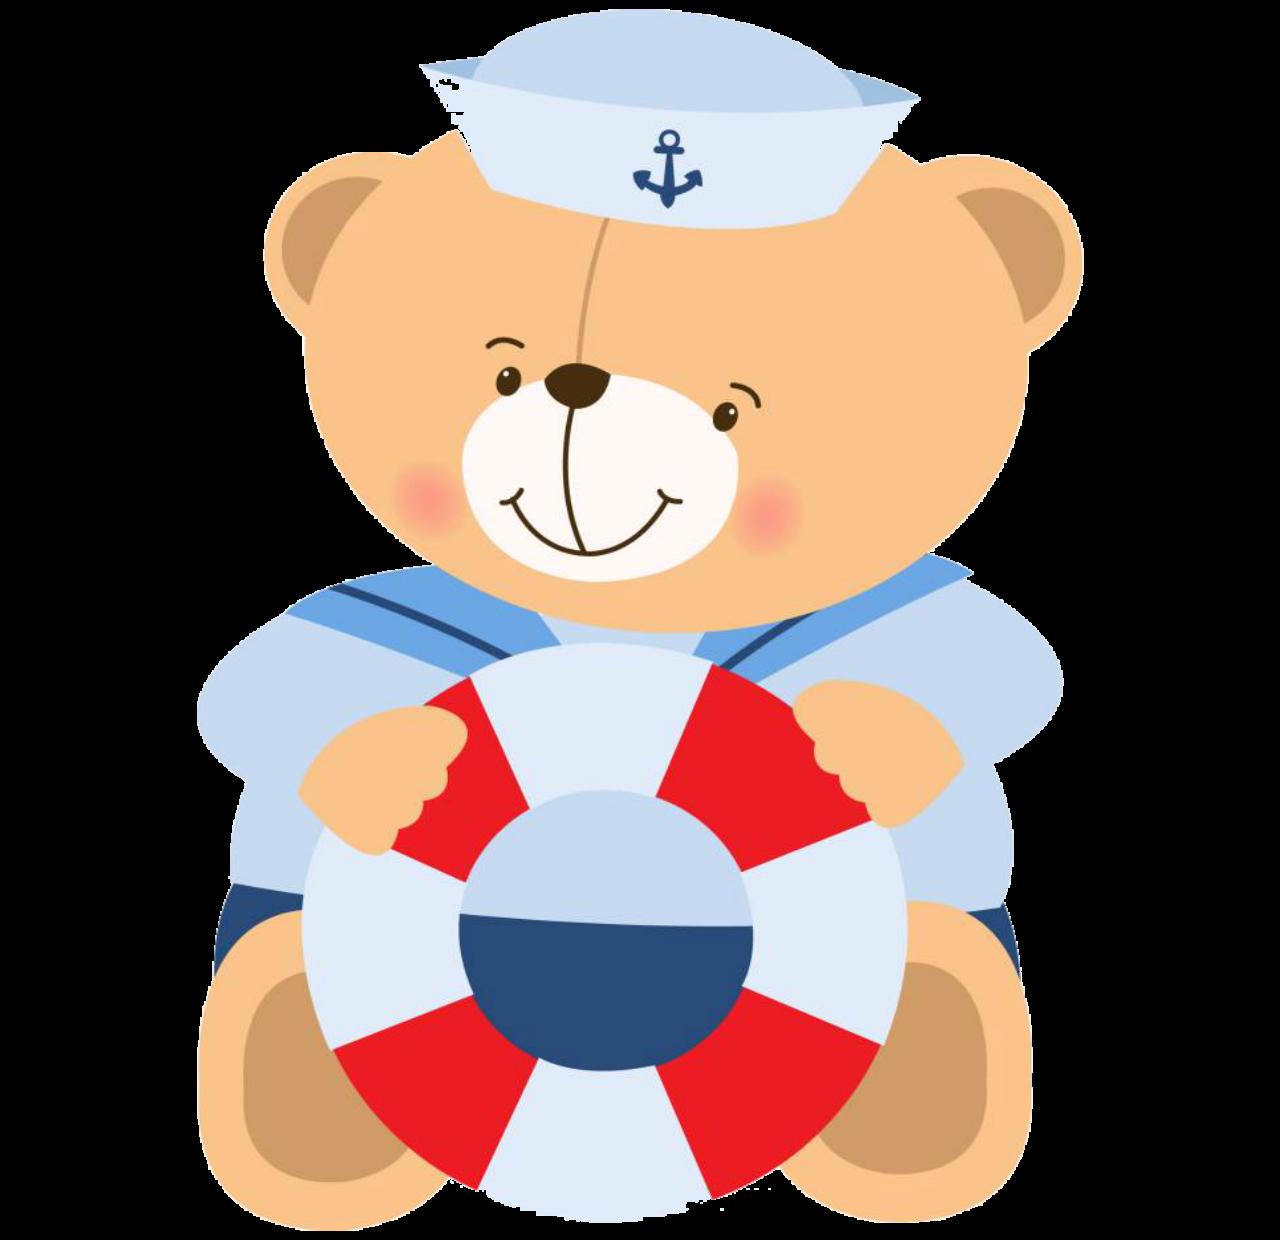 osito marinero kit de scrapbook gratis oh my beb u00e9 sailor clipart black and white sailor clip art invitations